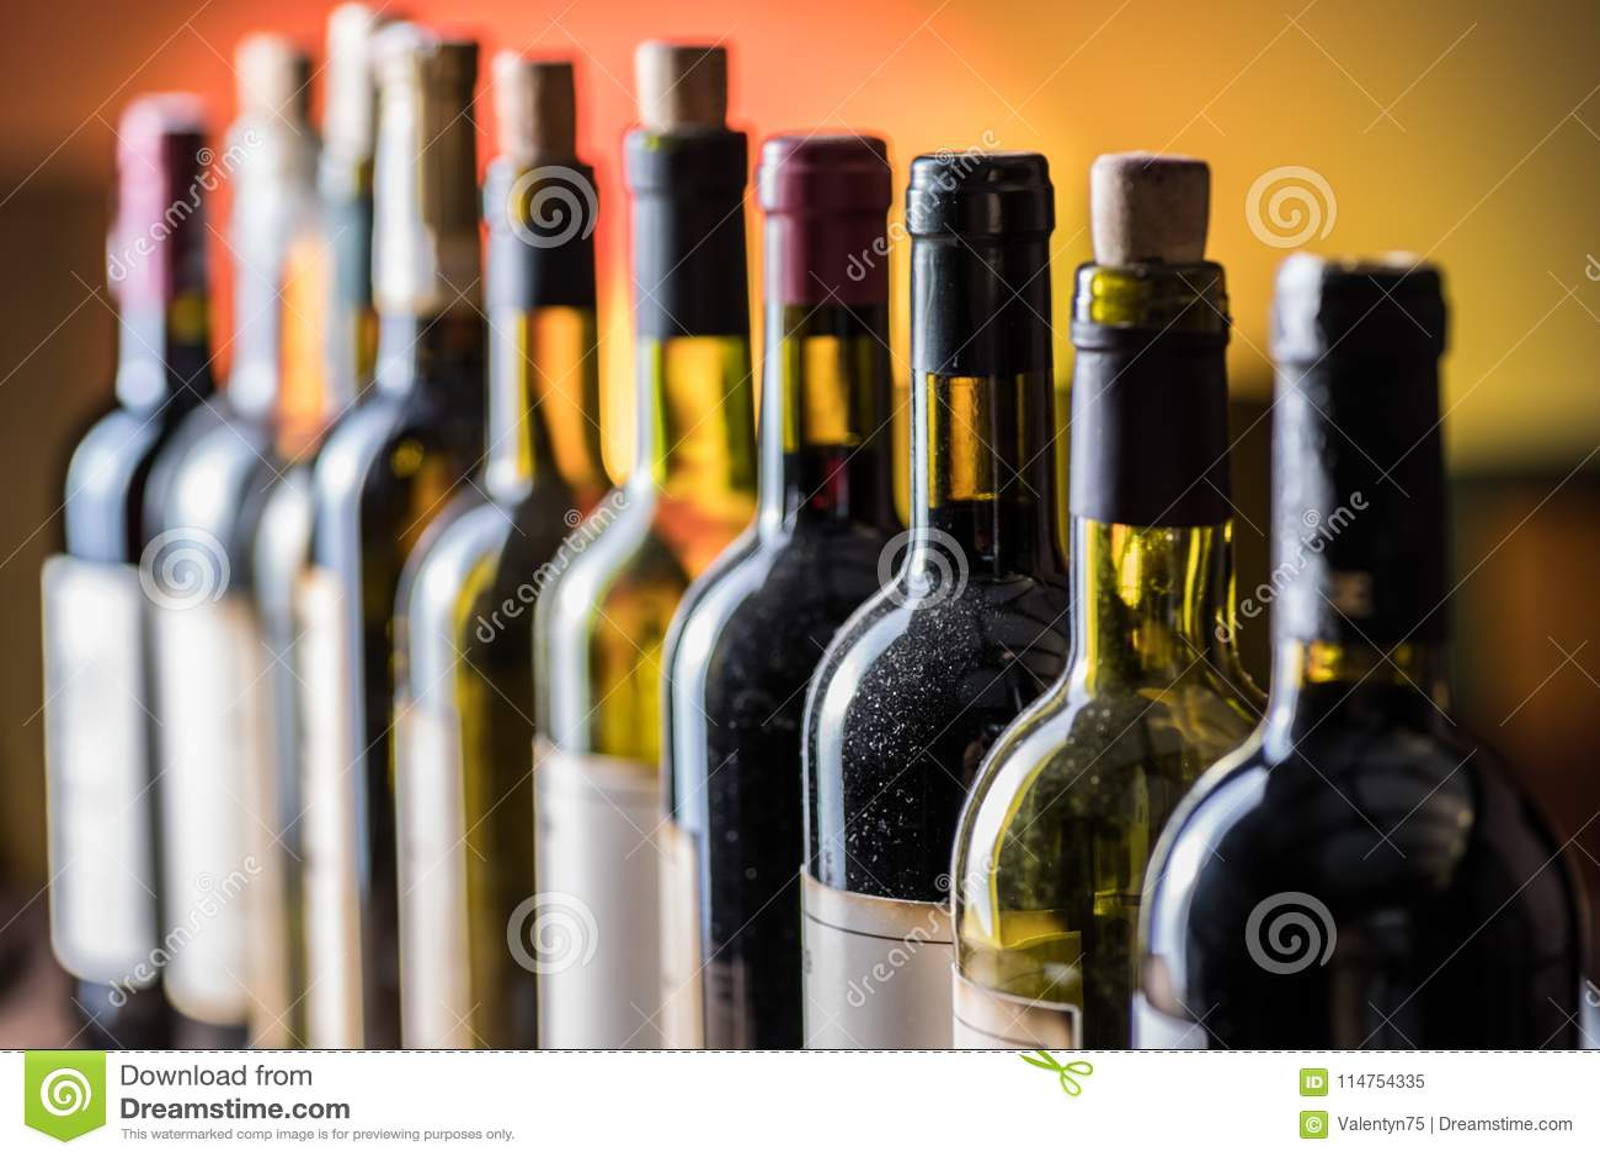 Γραμμή μπουκαλιών κρασιού Κινηματογράφηση σε πρώτο πλάνο